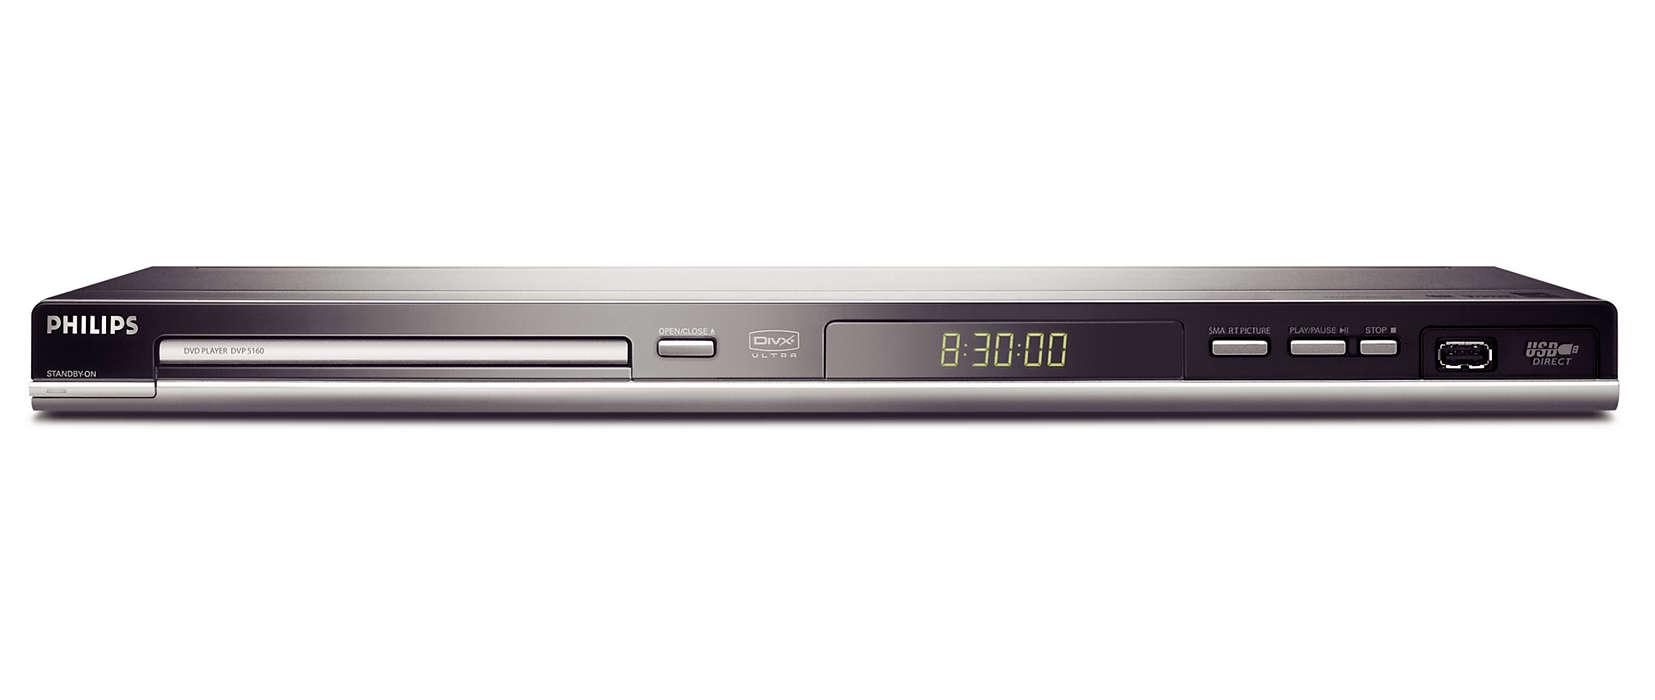 USB'den Televizyona